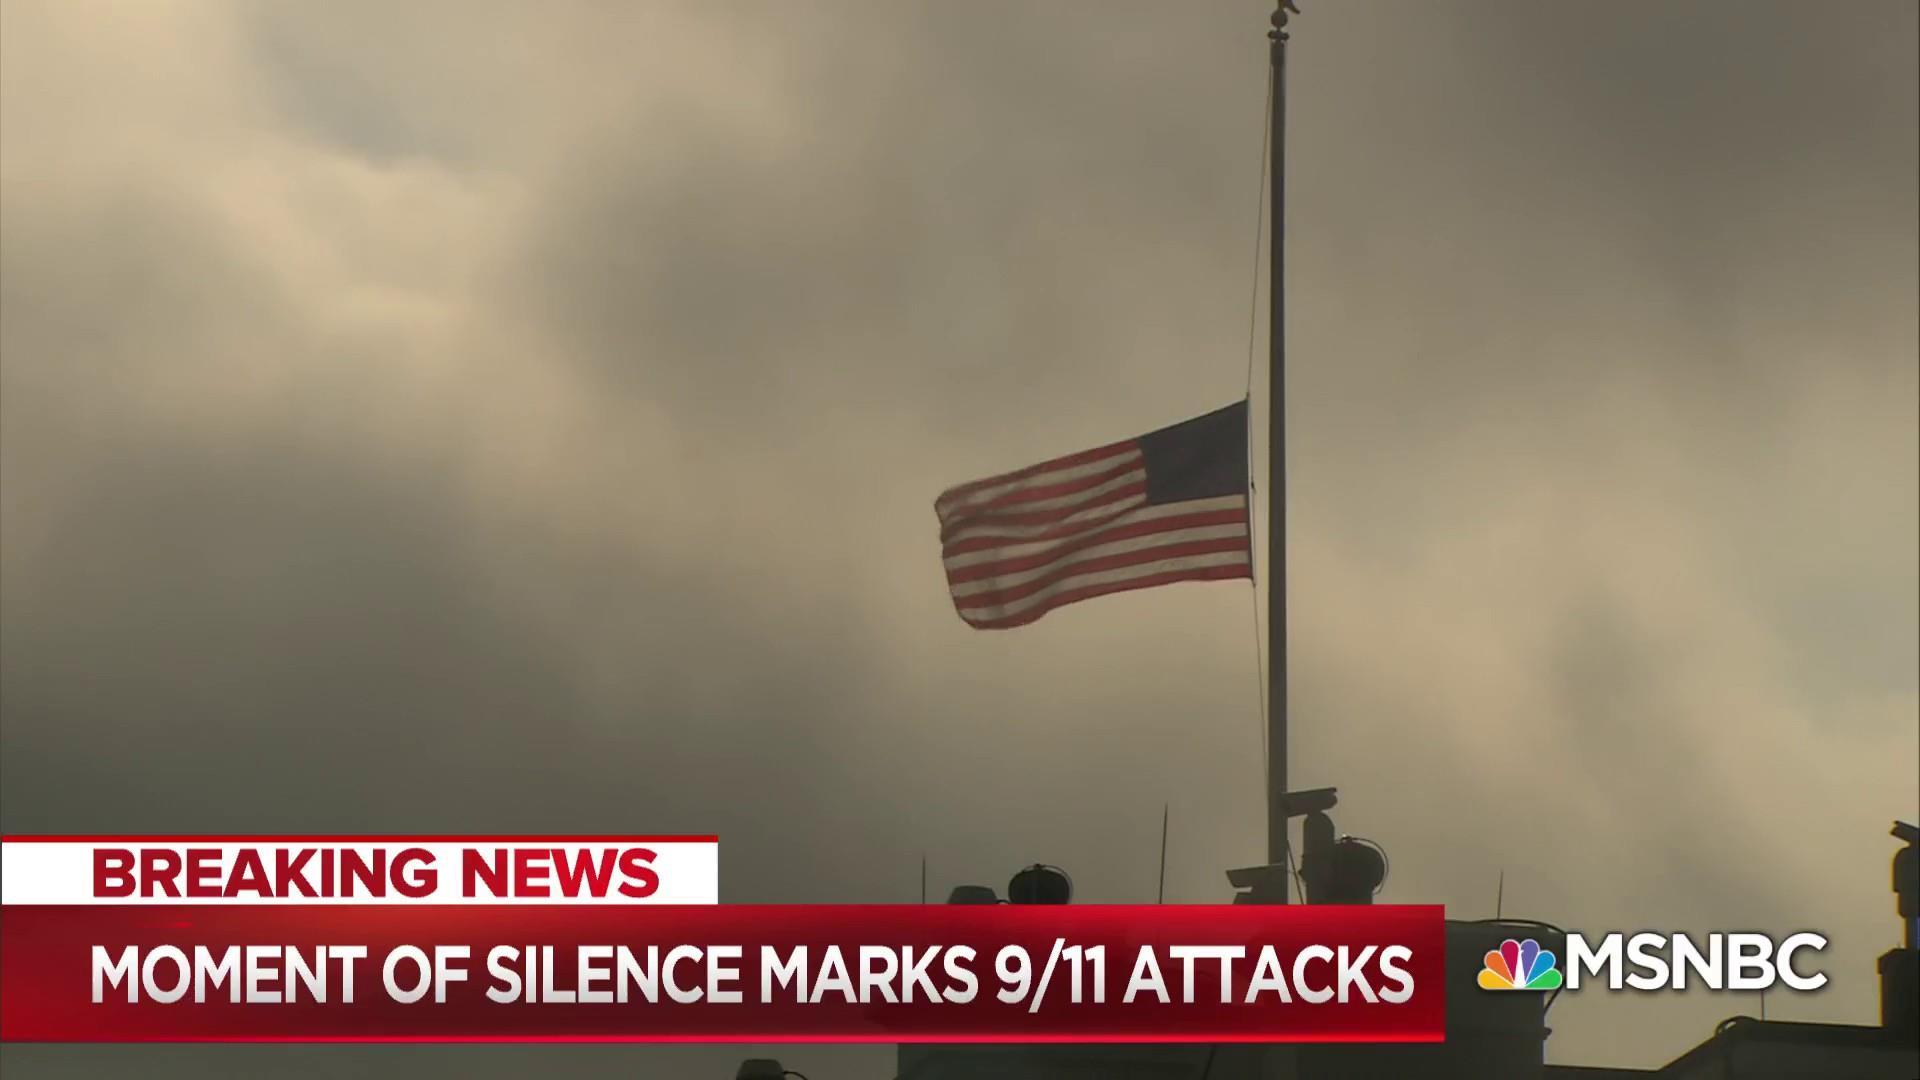 Morning Joe observes moment of silence for 9/11